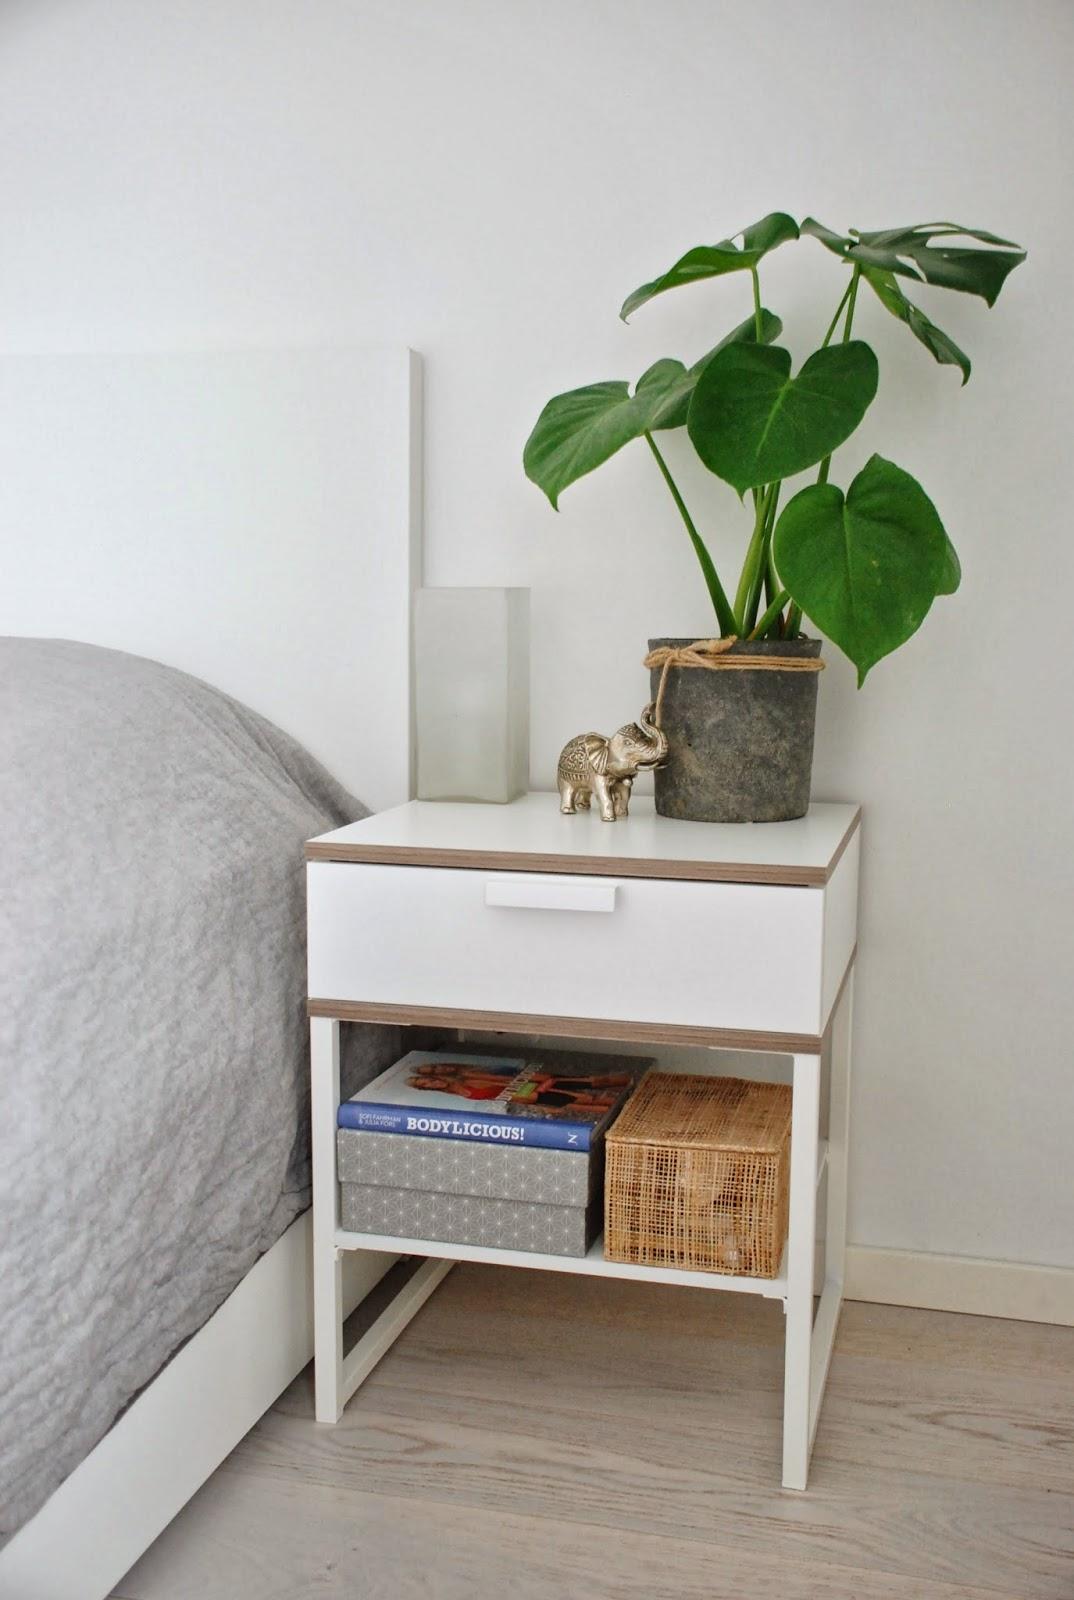 Pems platser: på sängbordet